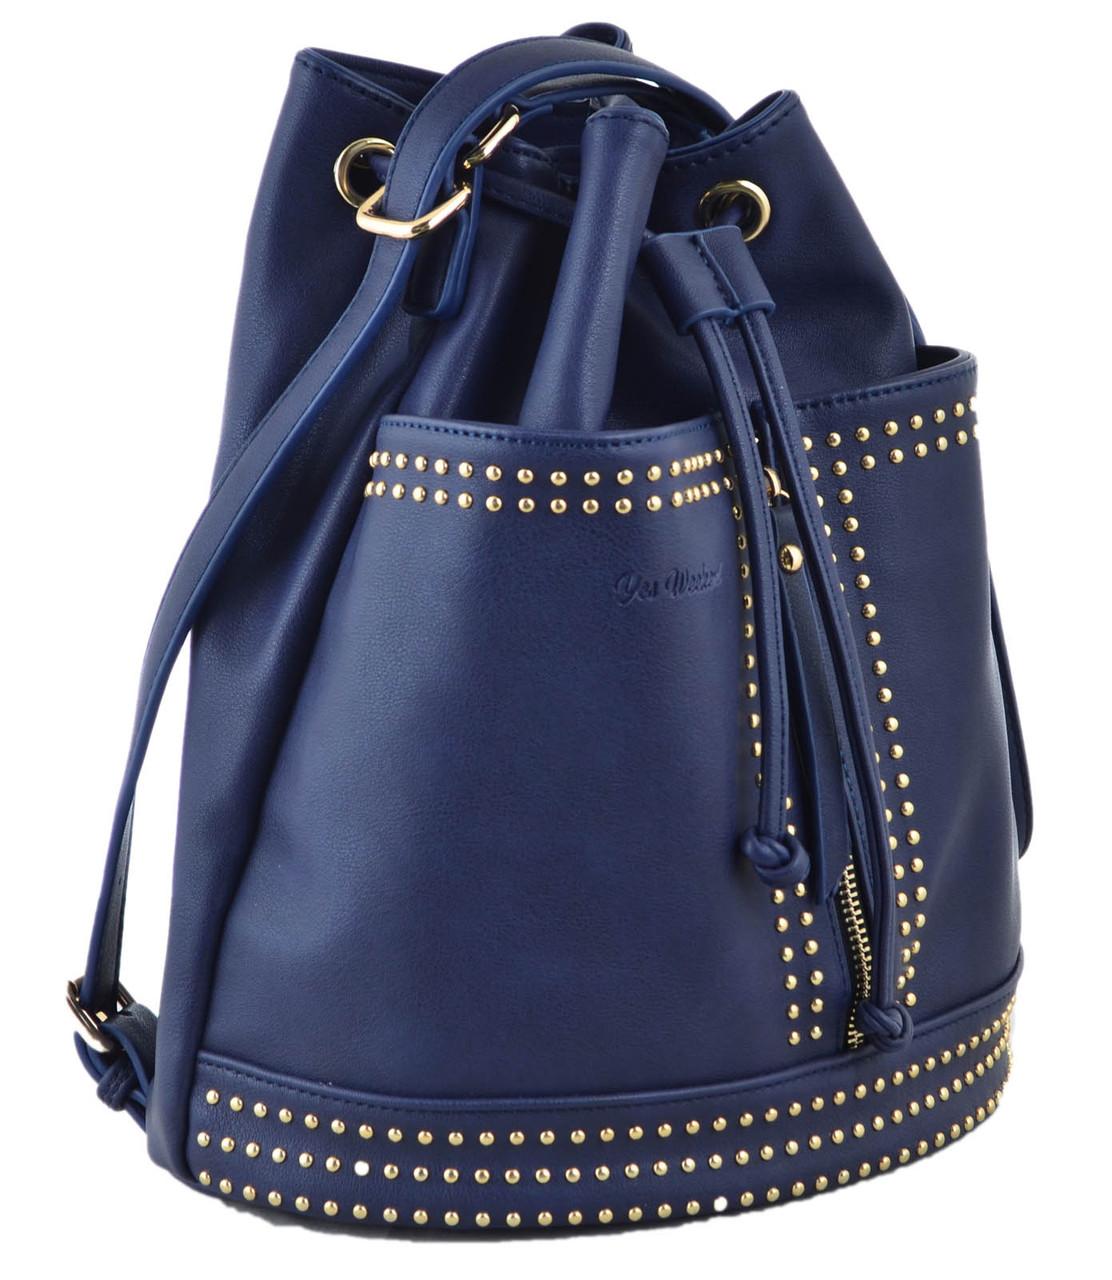 Сумка- рюкзак YES, темно-синий, 30*27*15.5